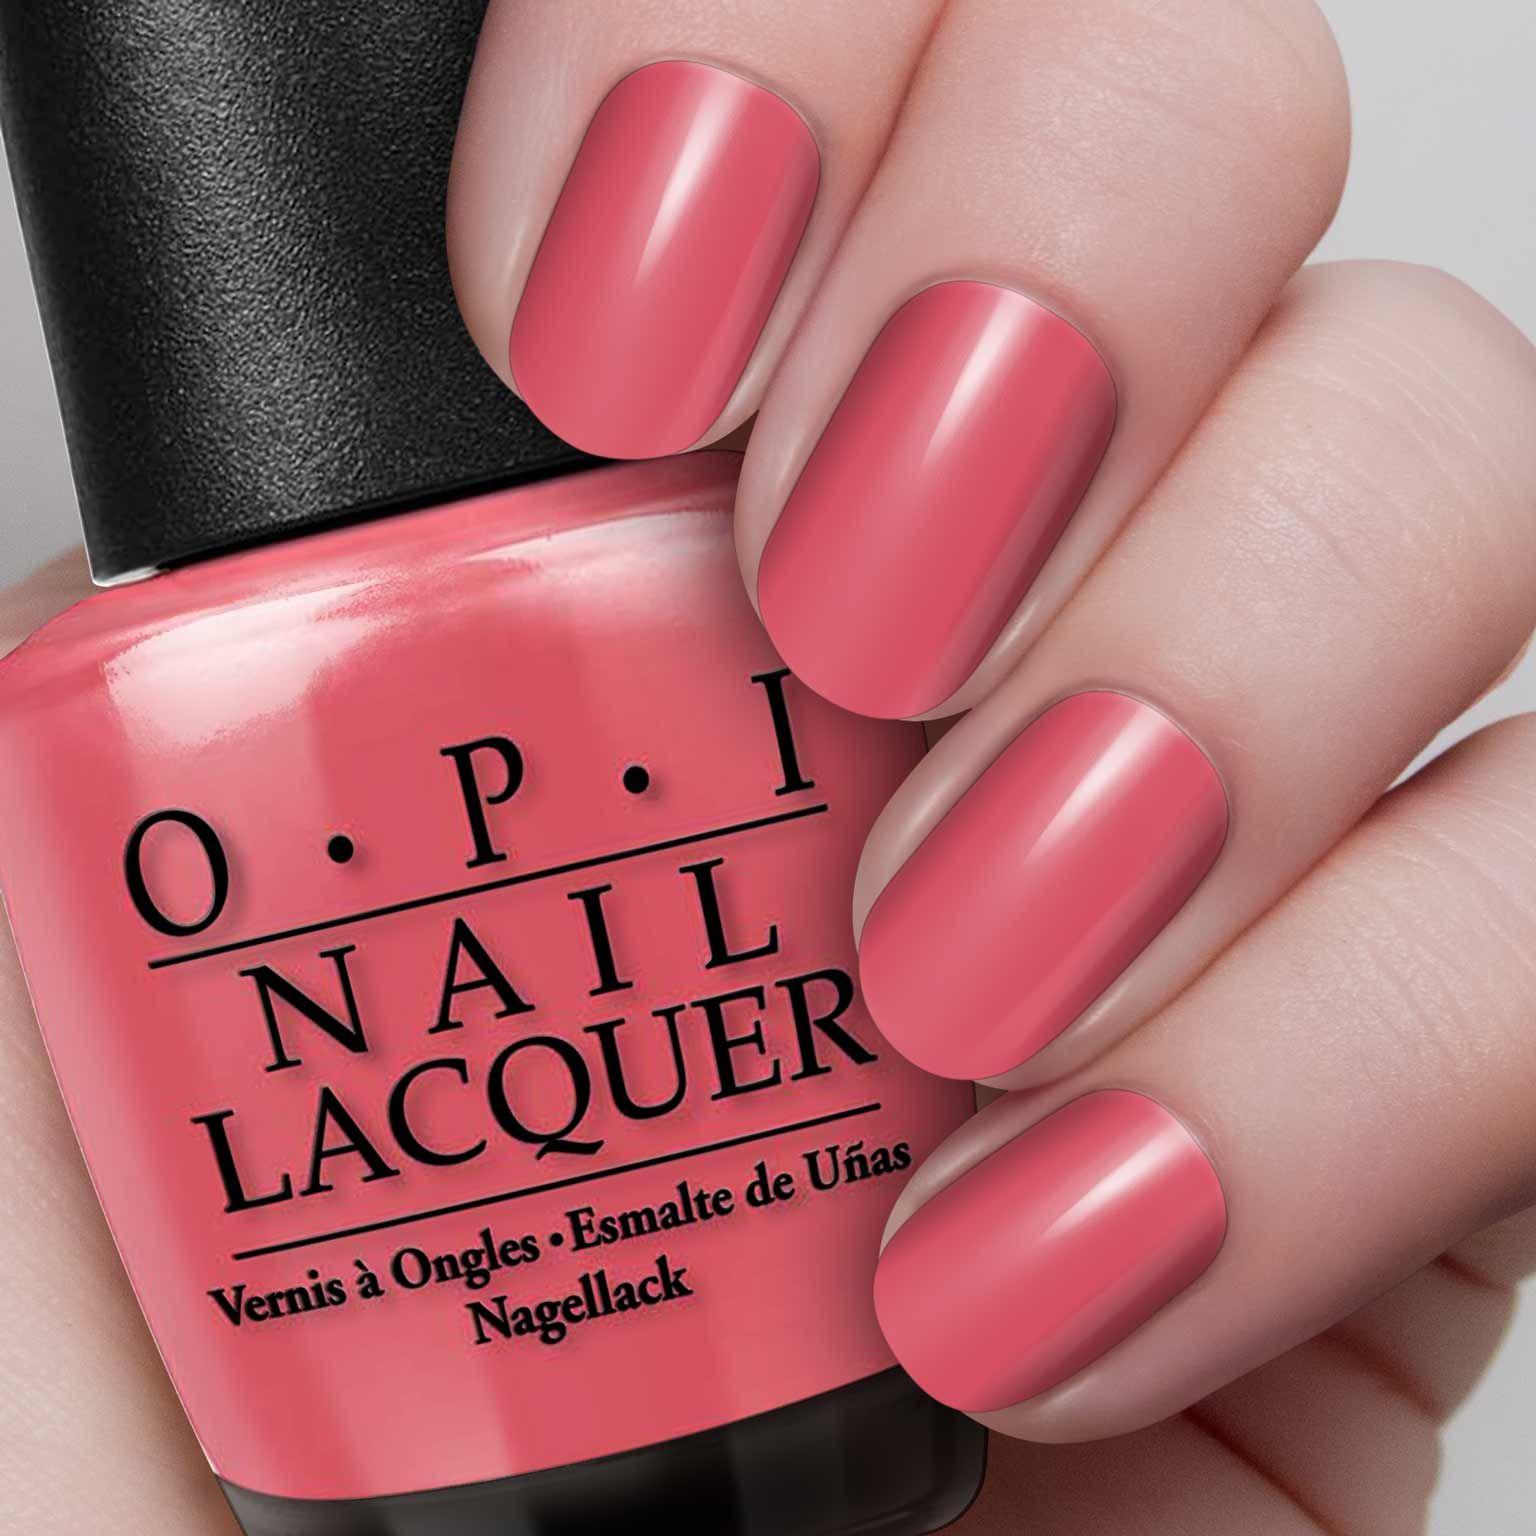 Nail Colors | Grand canyon, OPI and Makeup